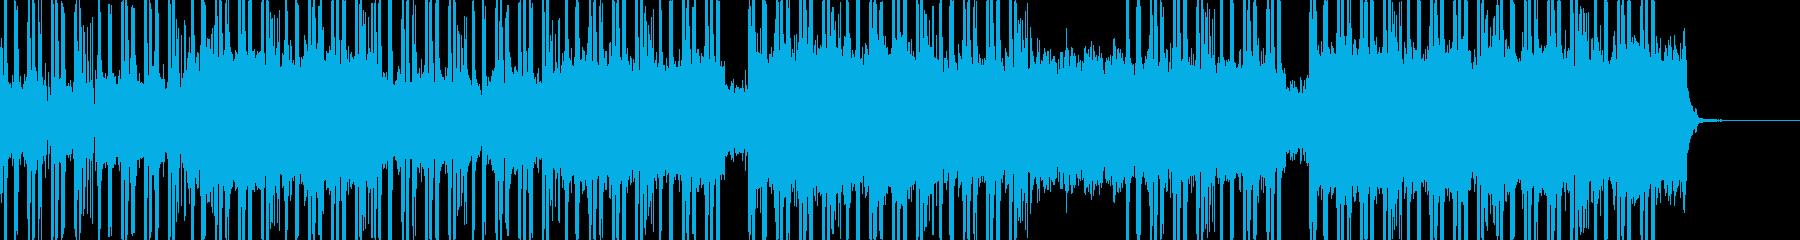 エレクトロ サスペンス アクション...の再生済みの波形